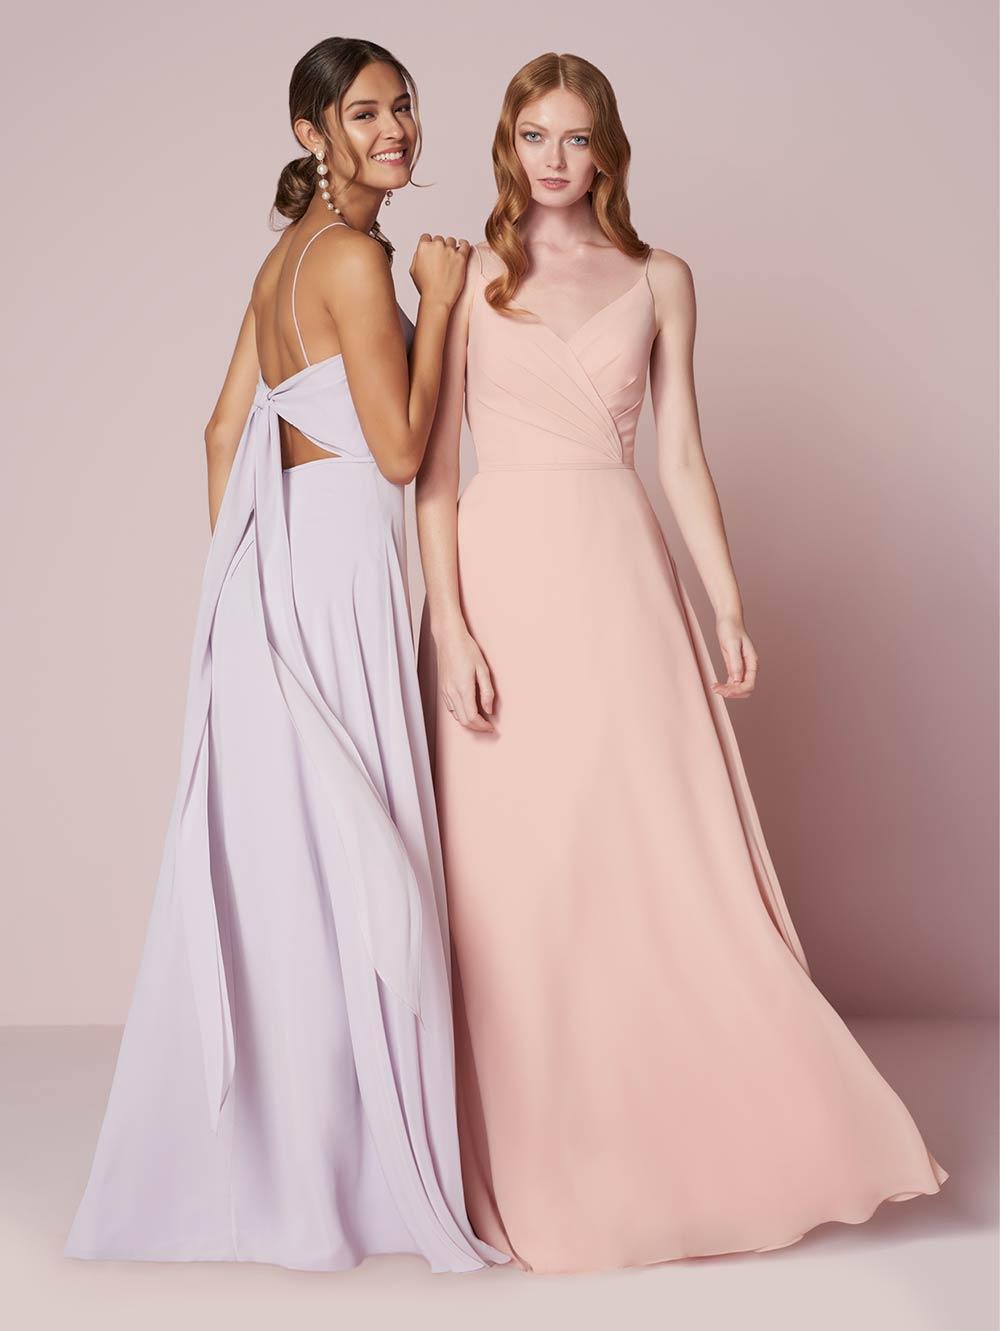 bridesmaid-dresses-jacquelin-bridals-canada-27781